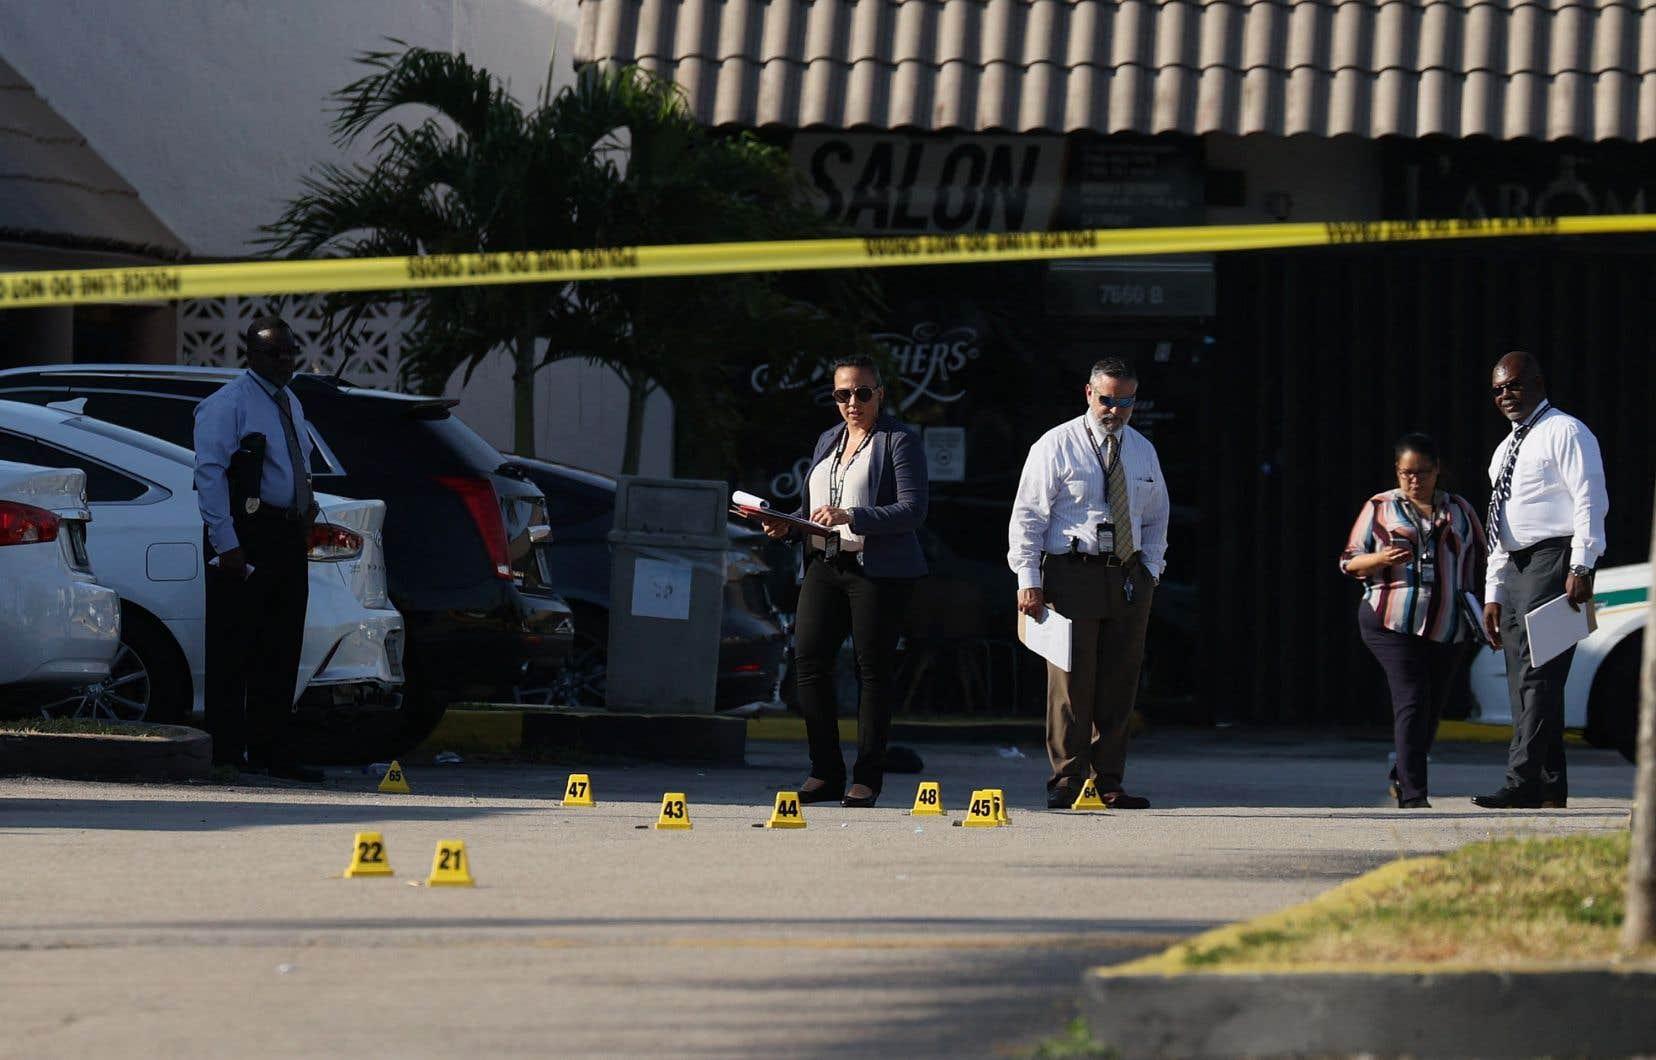 Trois individus sont alors sortis d'un VUS «et ont commencé à tirer indistinctement sur la foule» devant une salle de concert, a indiqué la police du comté de Miami-Dade.